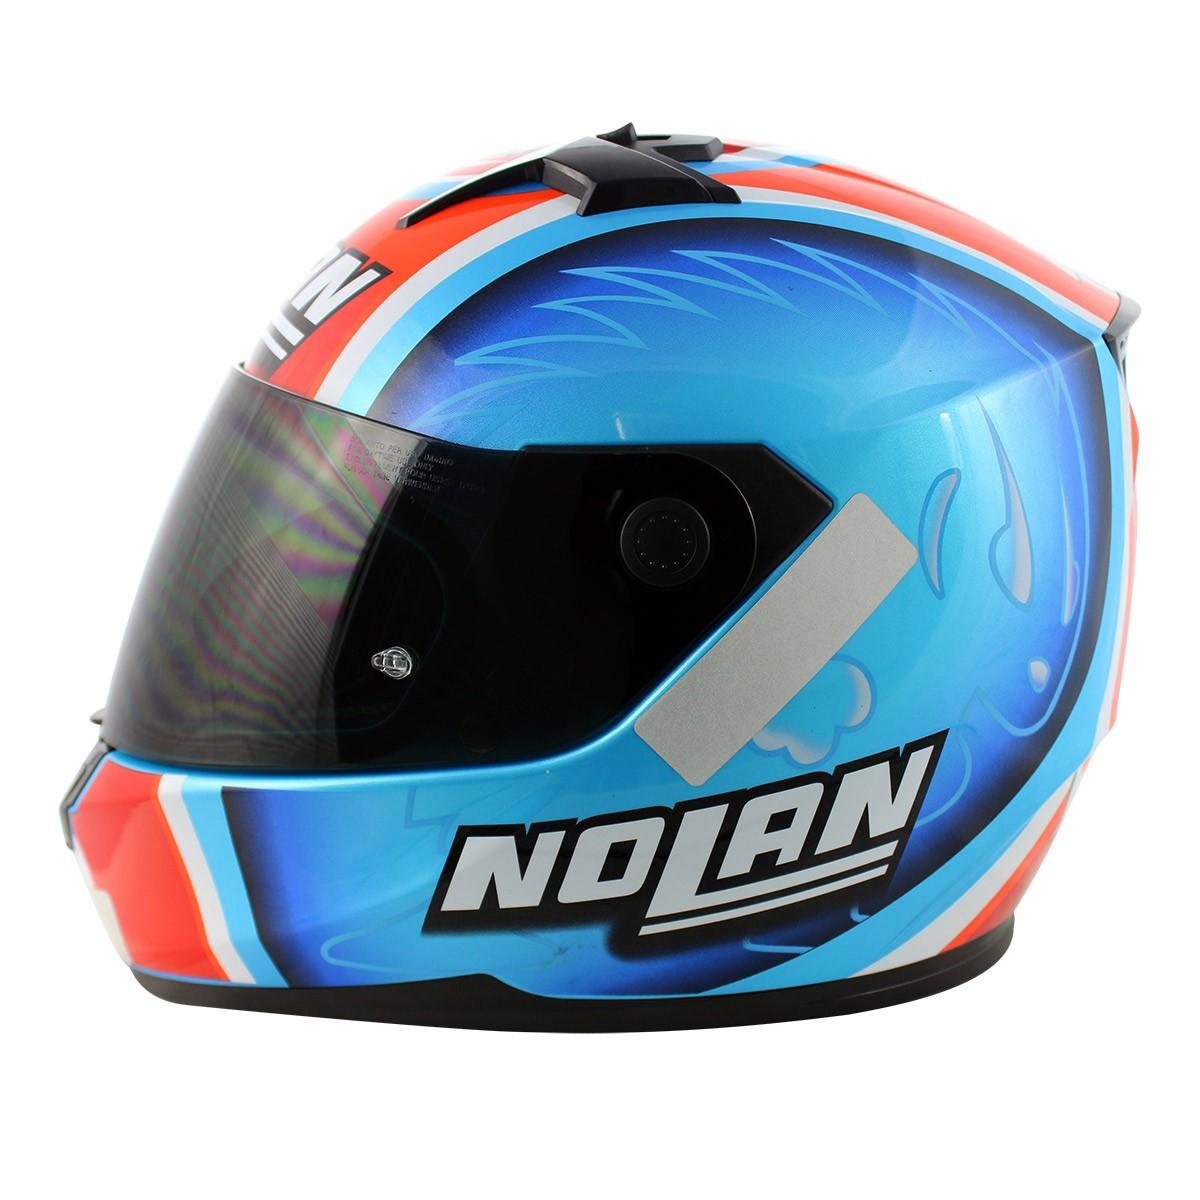 Capacete Nolan N64 Réplica Melandri Pearl Blue - Ganhe Touca Balaclava (Agv k-3)  - Nova Suzuki Motos e Acessórios